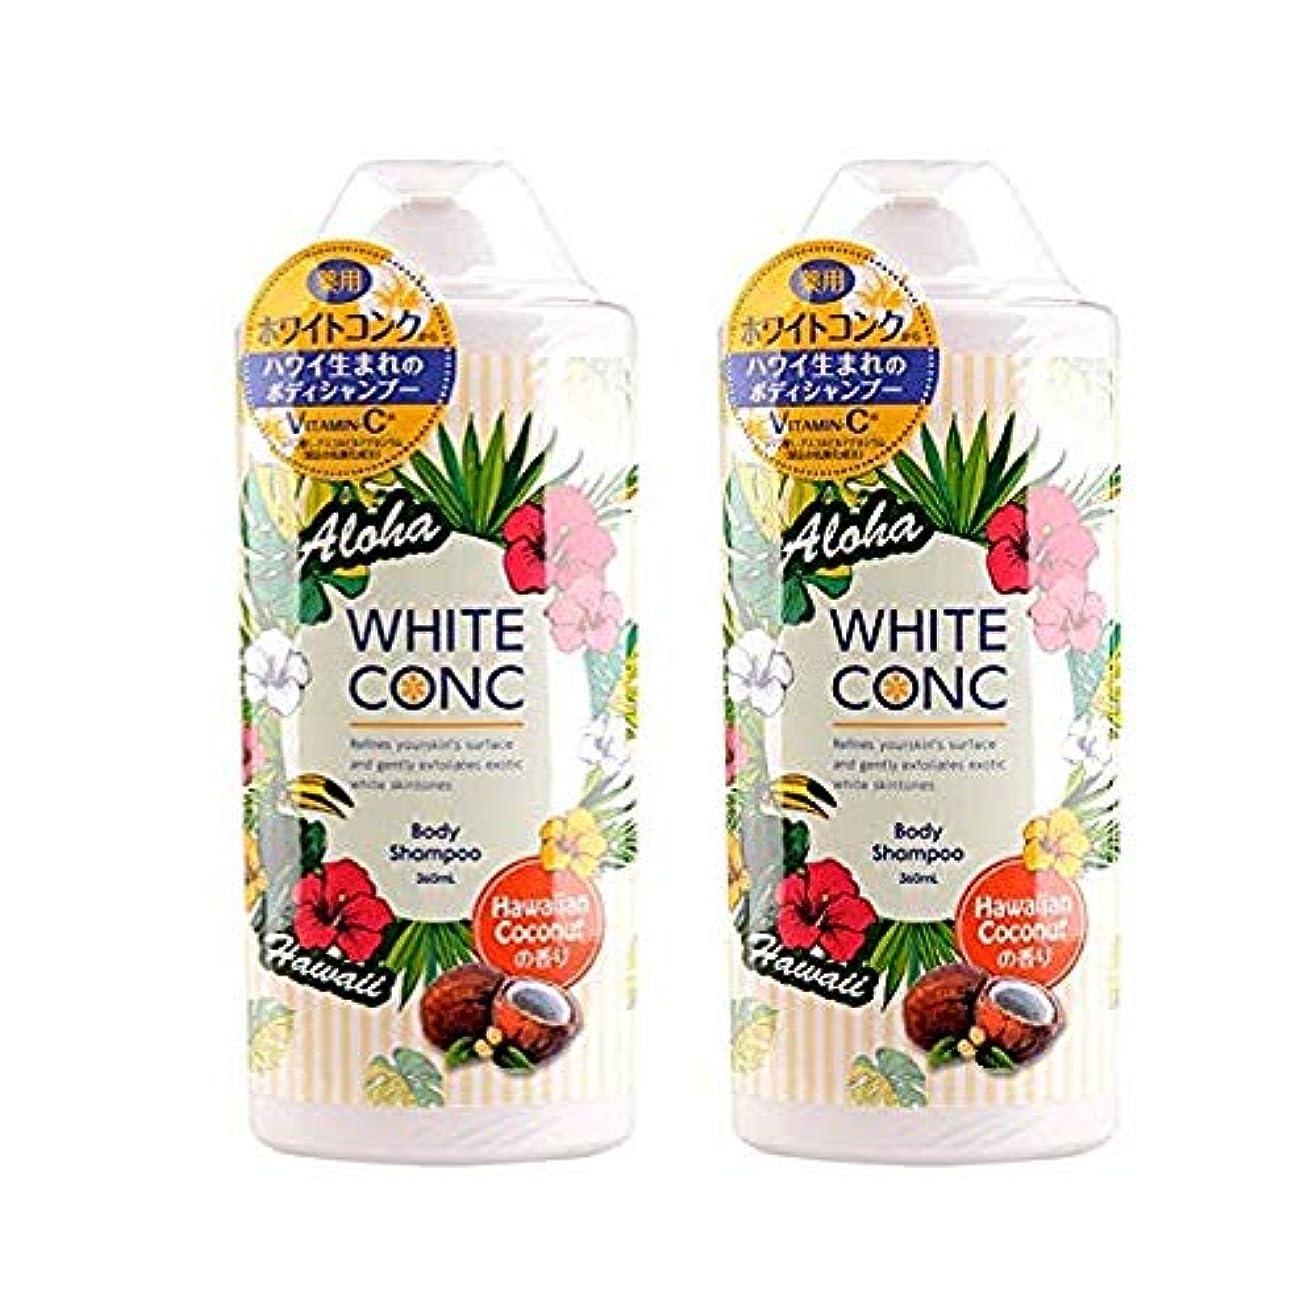 複合マティススポーツ薬用ホワイトコンク ボディシャンプー ハワイ(医薬部外品) 2本セット